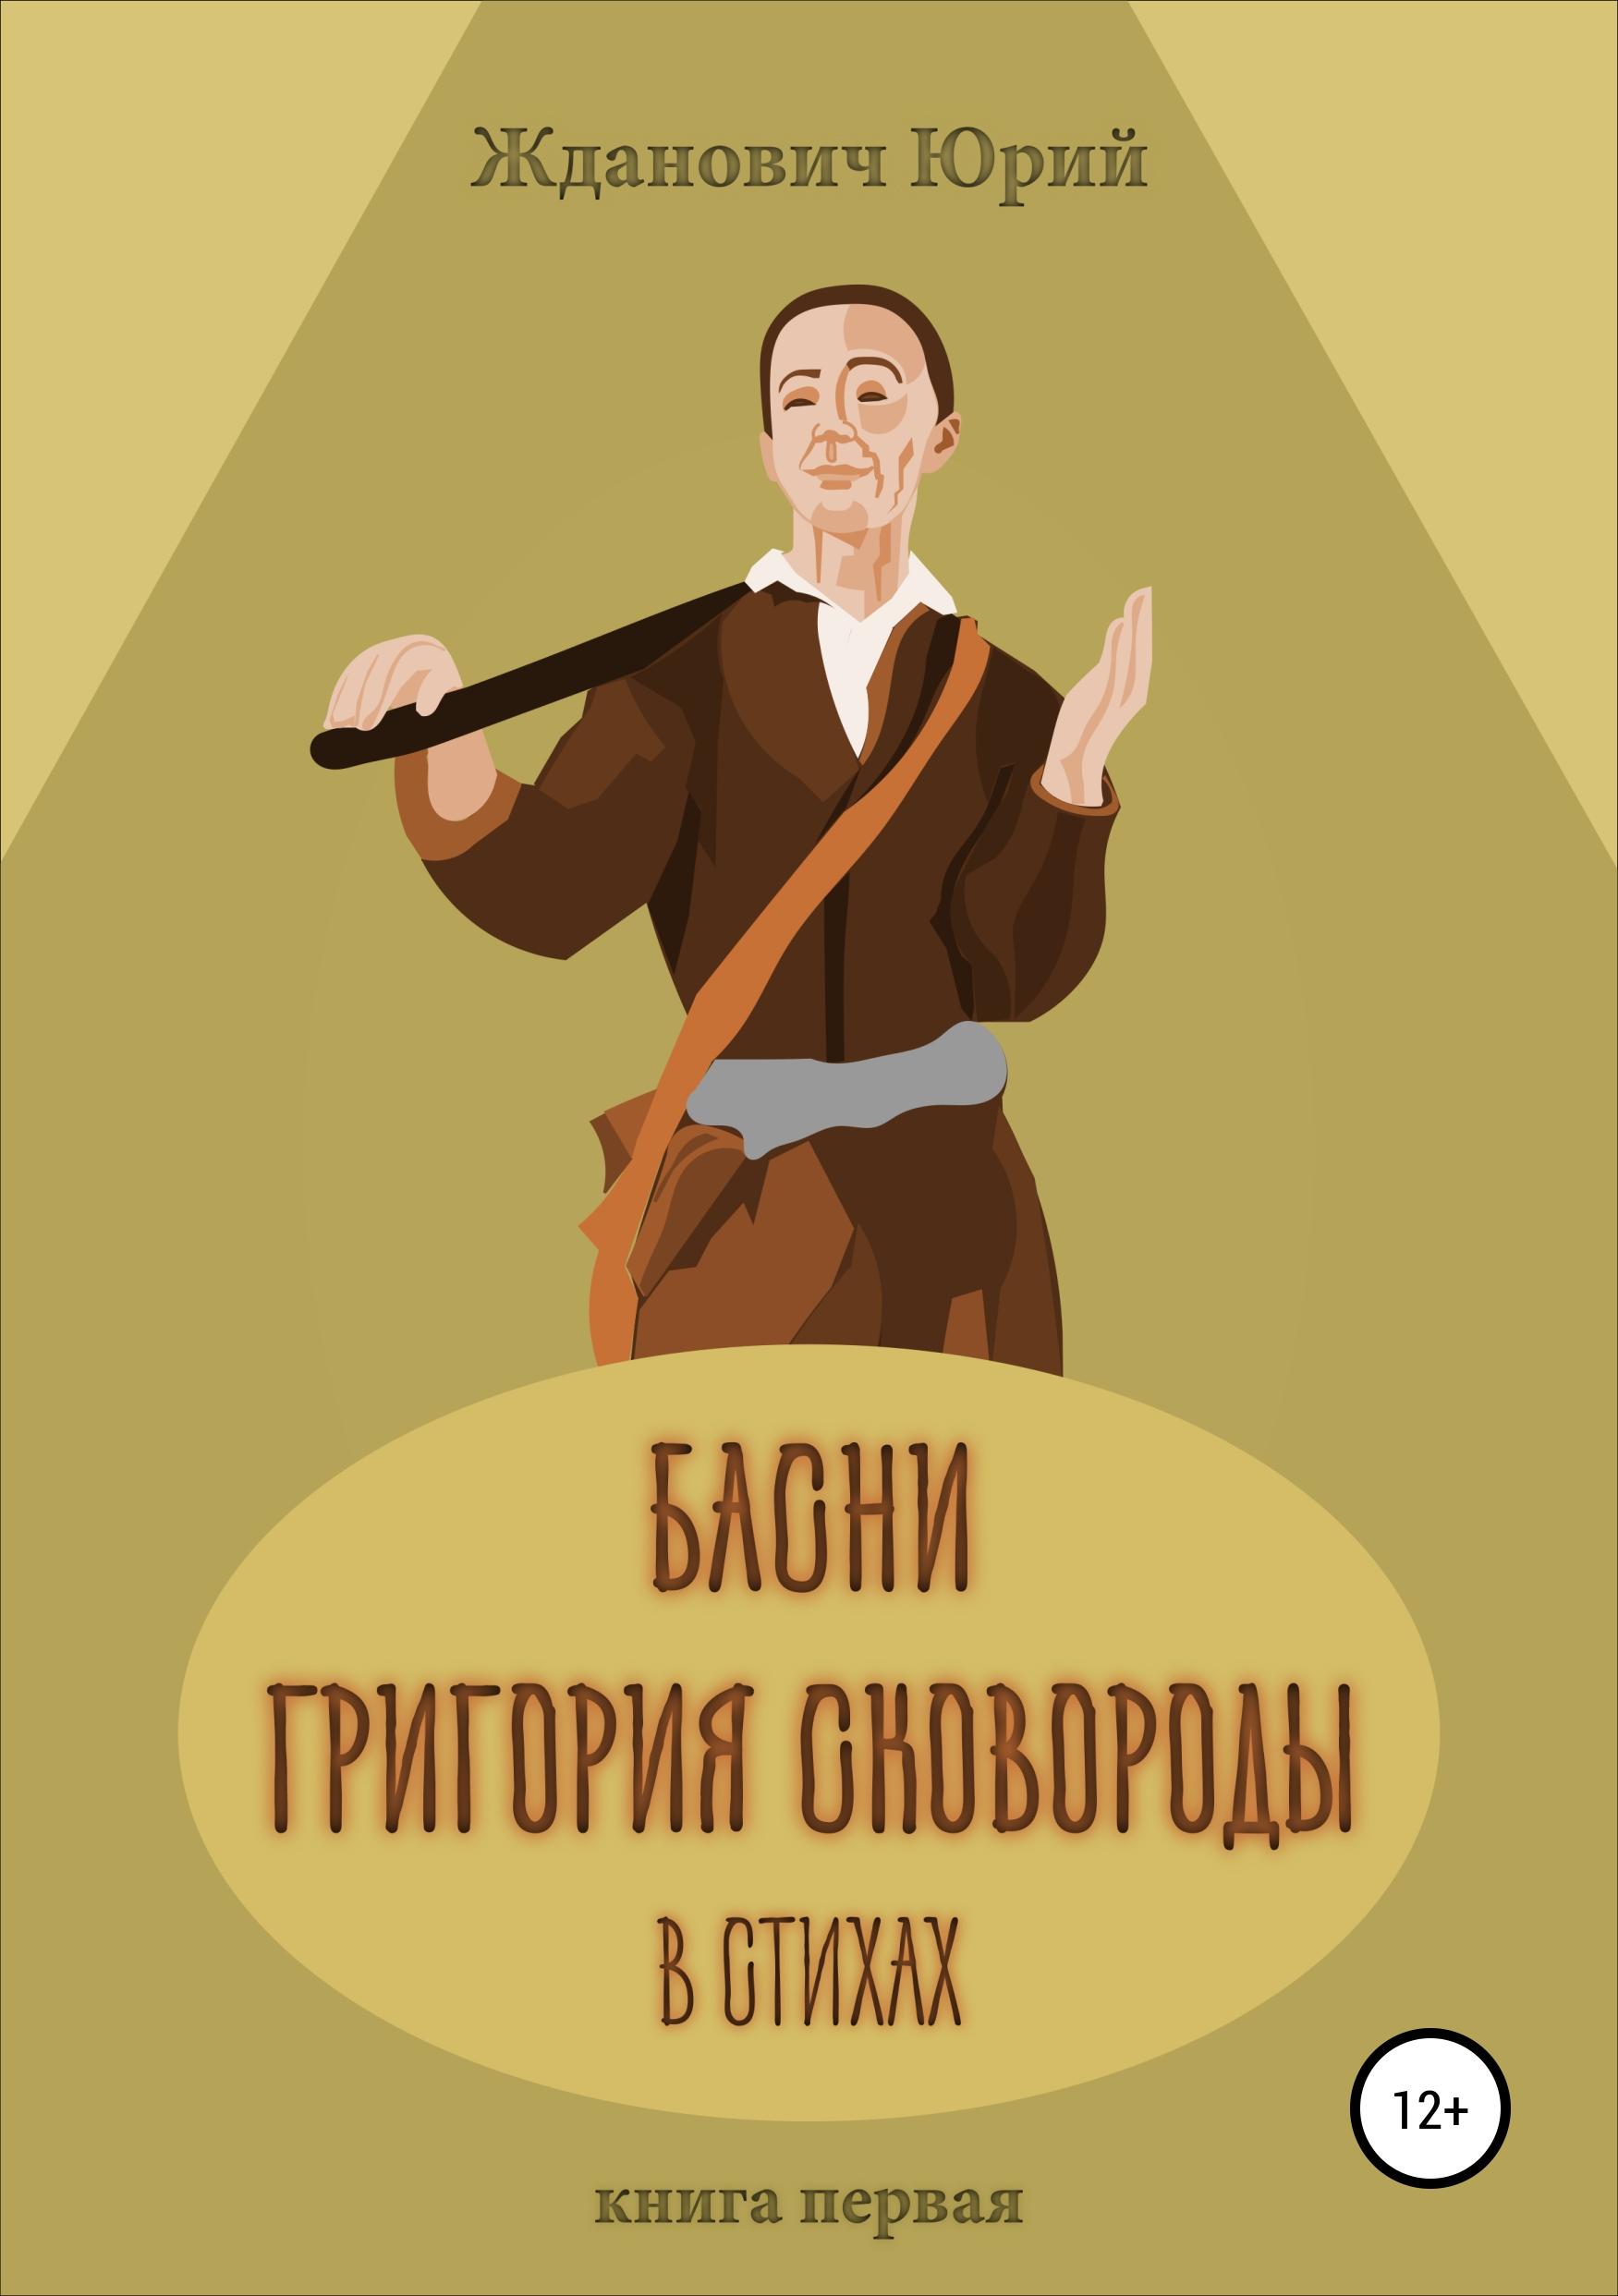 Басни Григория Сковороды в стихах. Книга первая